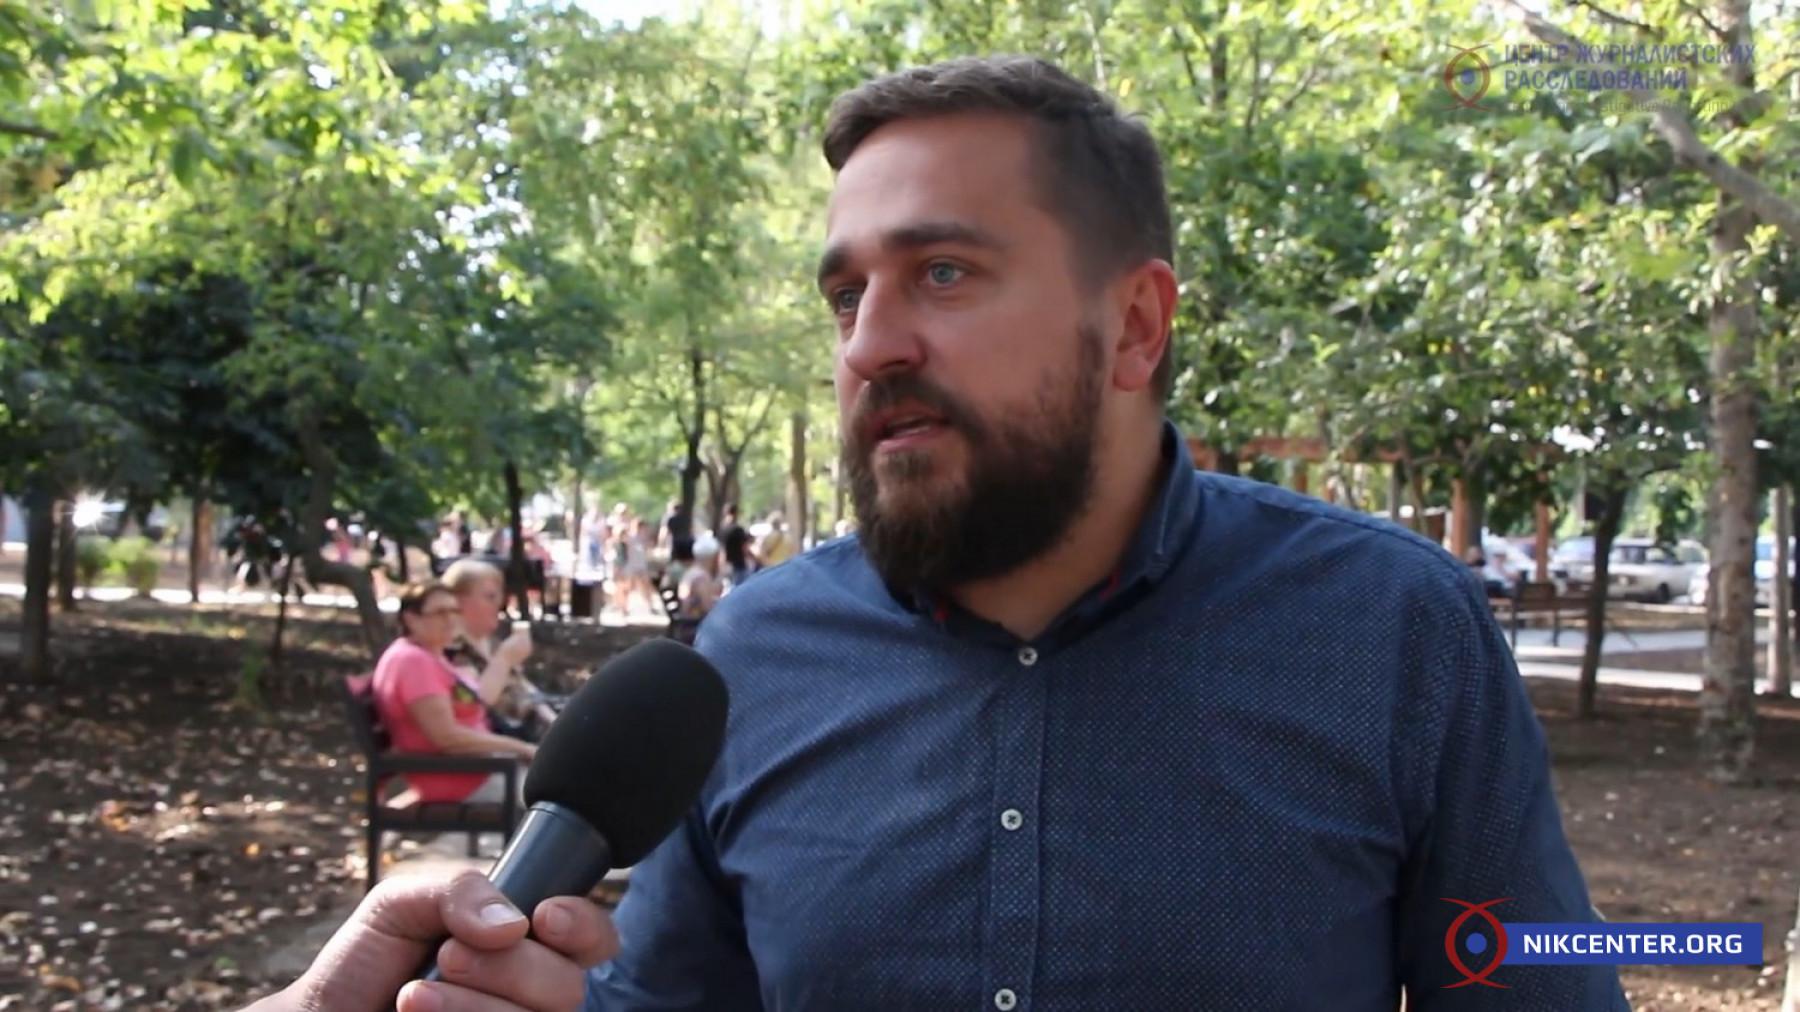 Директор департамента ЖКХ Сергей Коренев утверждает, что при нем и конкурсов стало больше, и подрядчиков